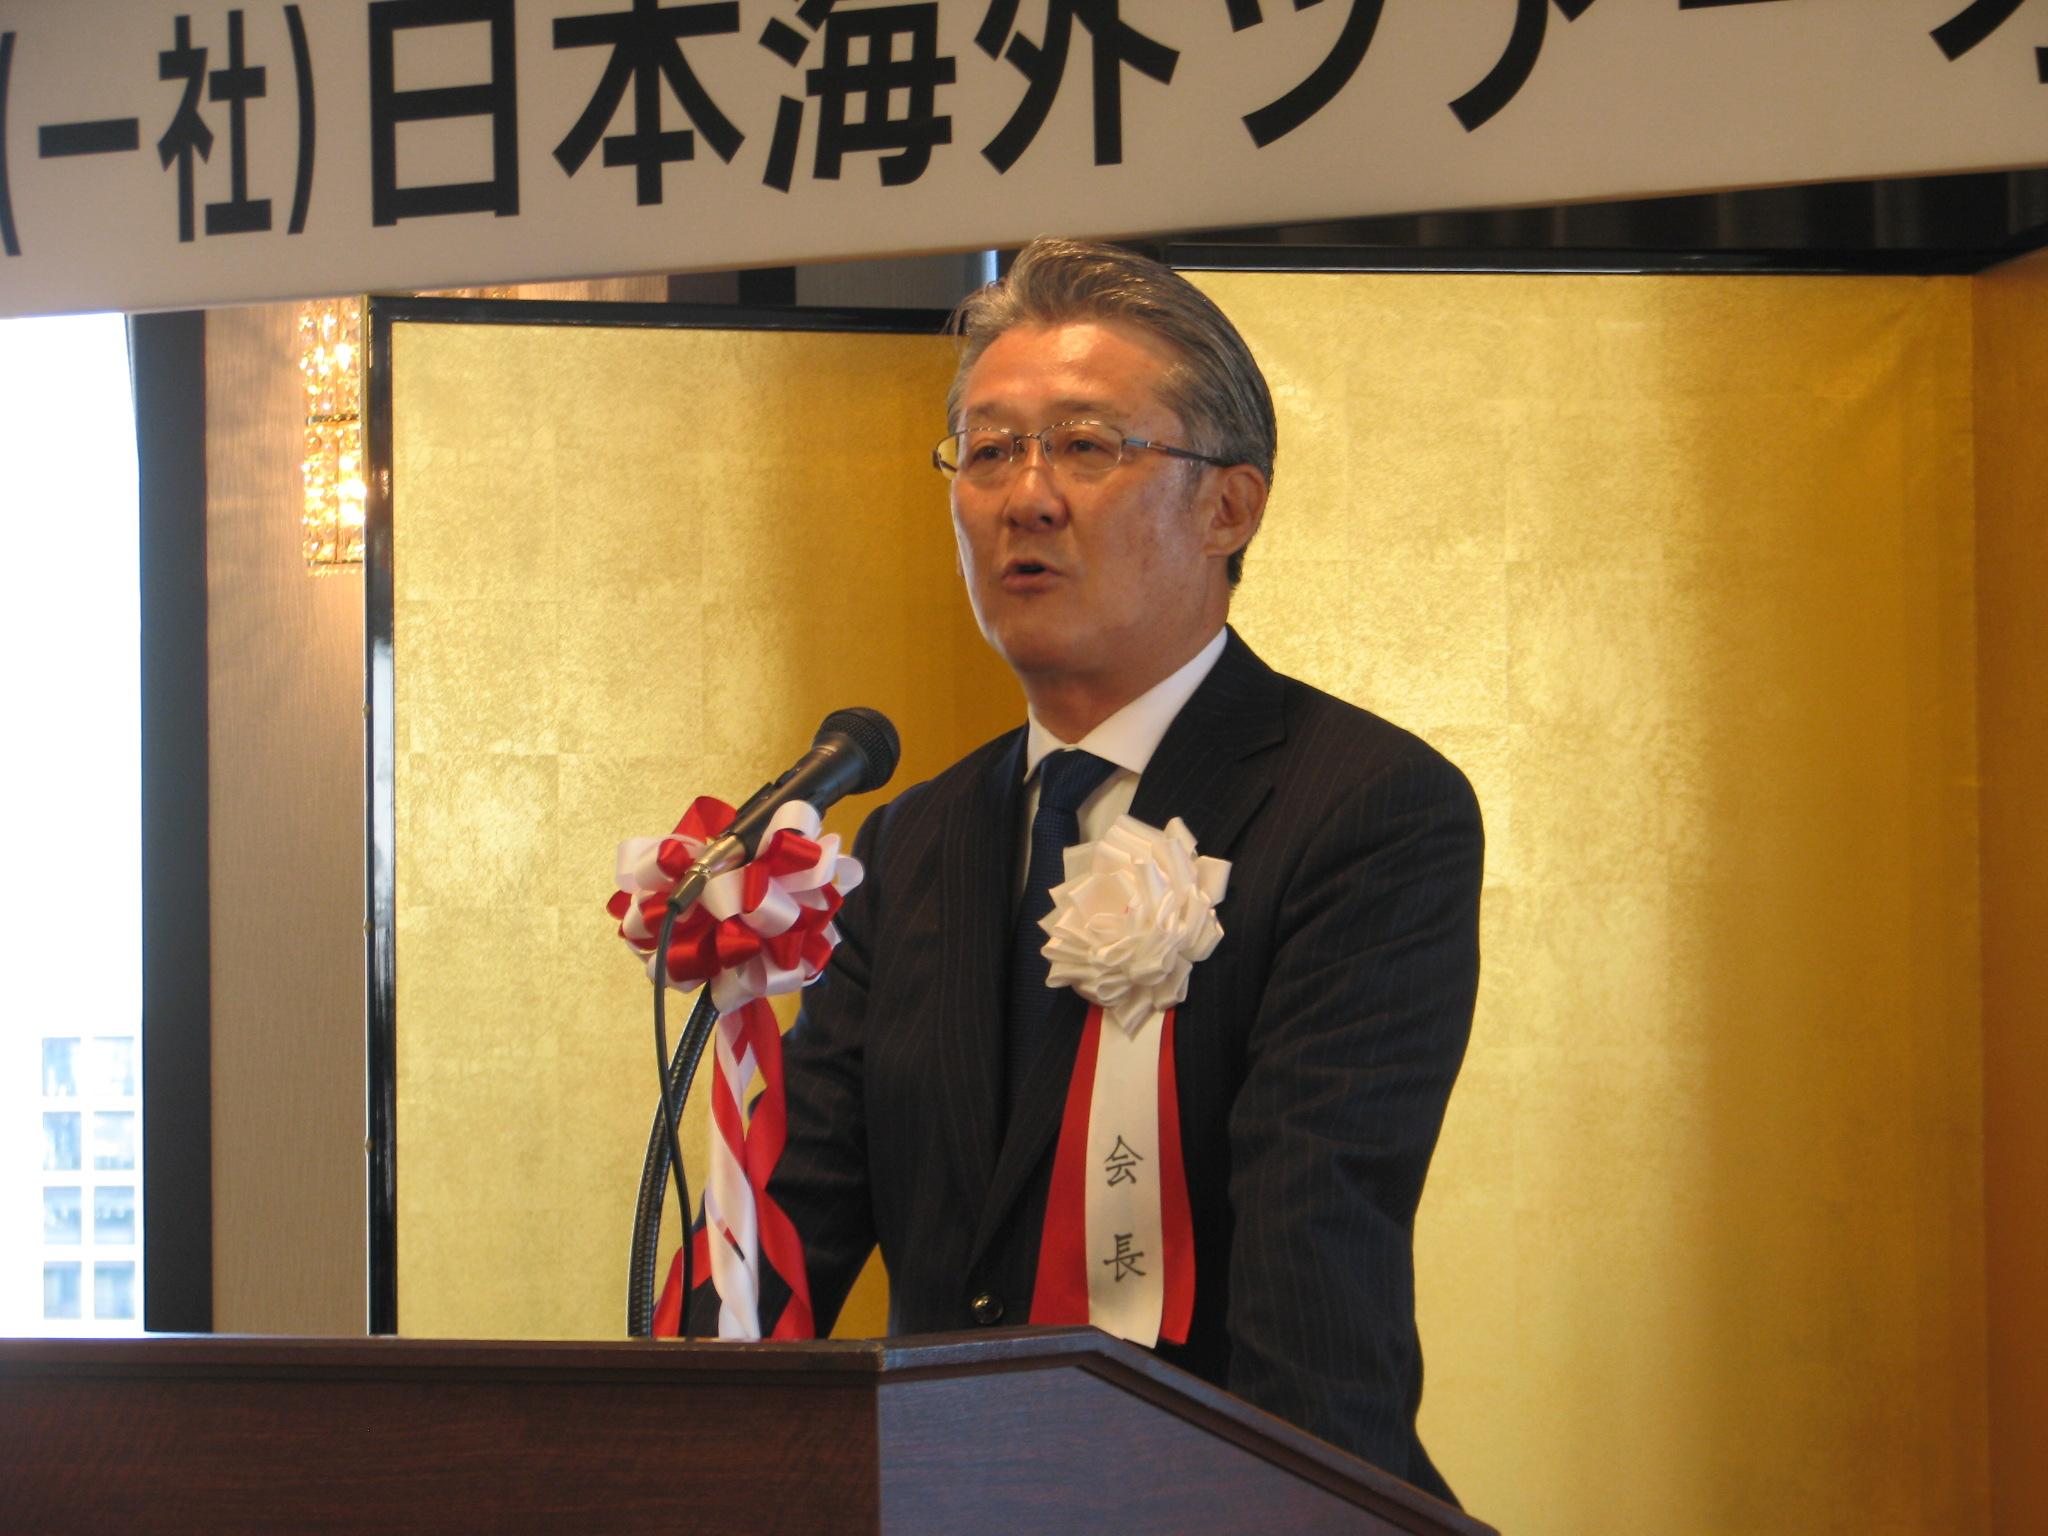 新税・国際観光旅客税は「効果的な活用」を、日本人の海外旅行促進とサービス向上に期待 -日本海外ツアーオペレーター協会